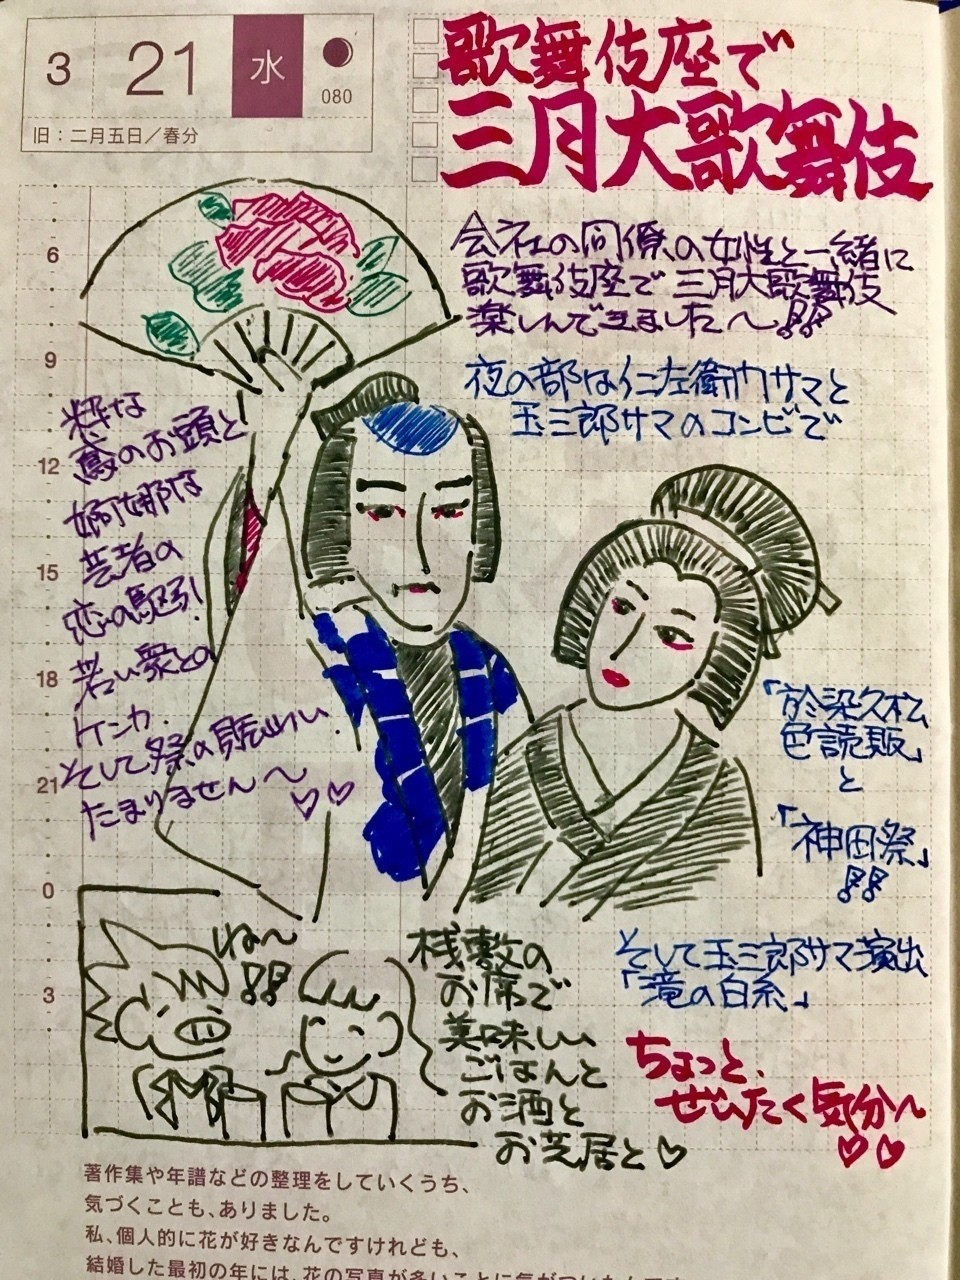 会社の同僚の女性と一緒に歌舞伎座で三月大歌舞伎を楽しんできました〜!*\(^o^)/*    #ほぼ日手帳